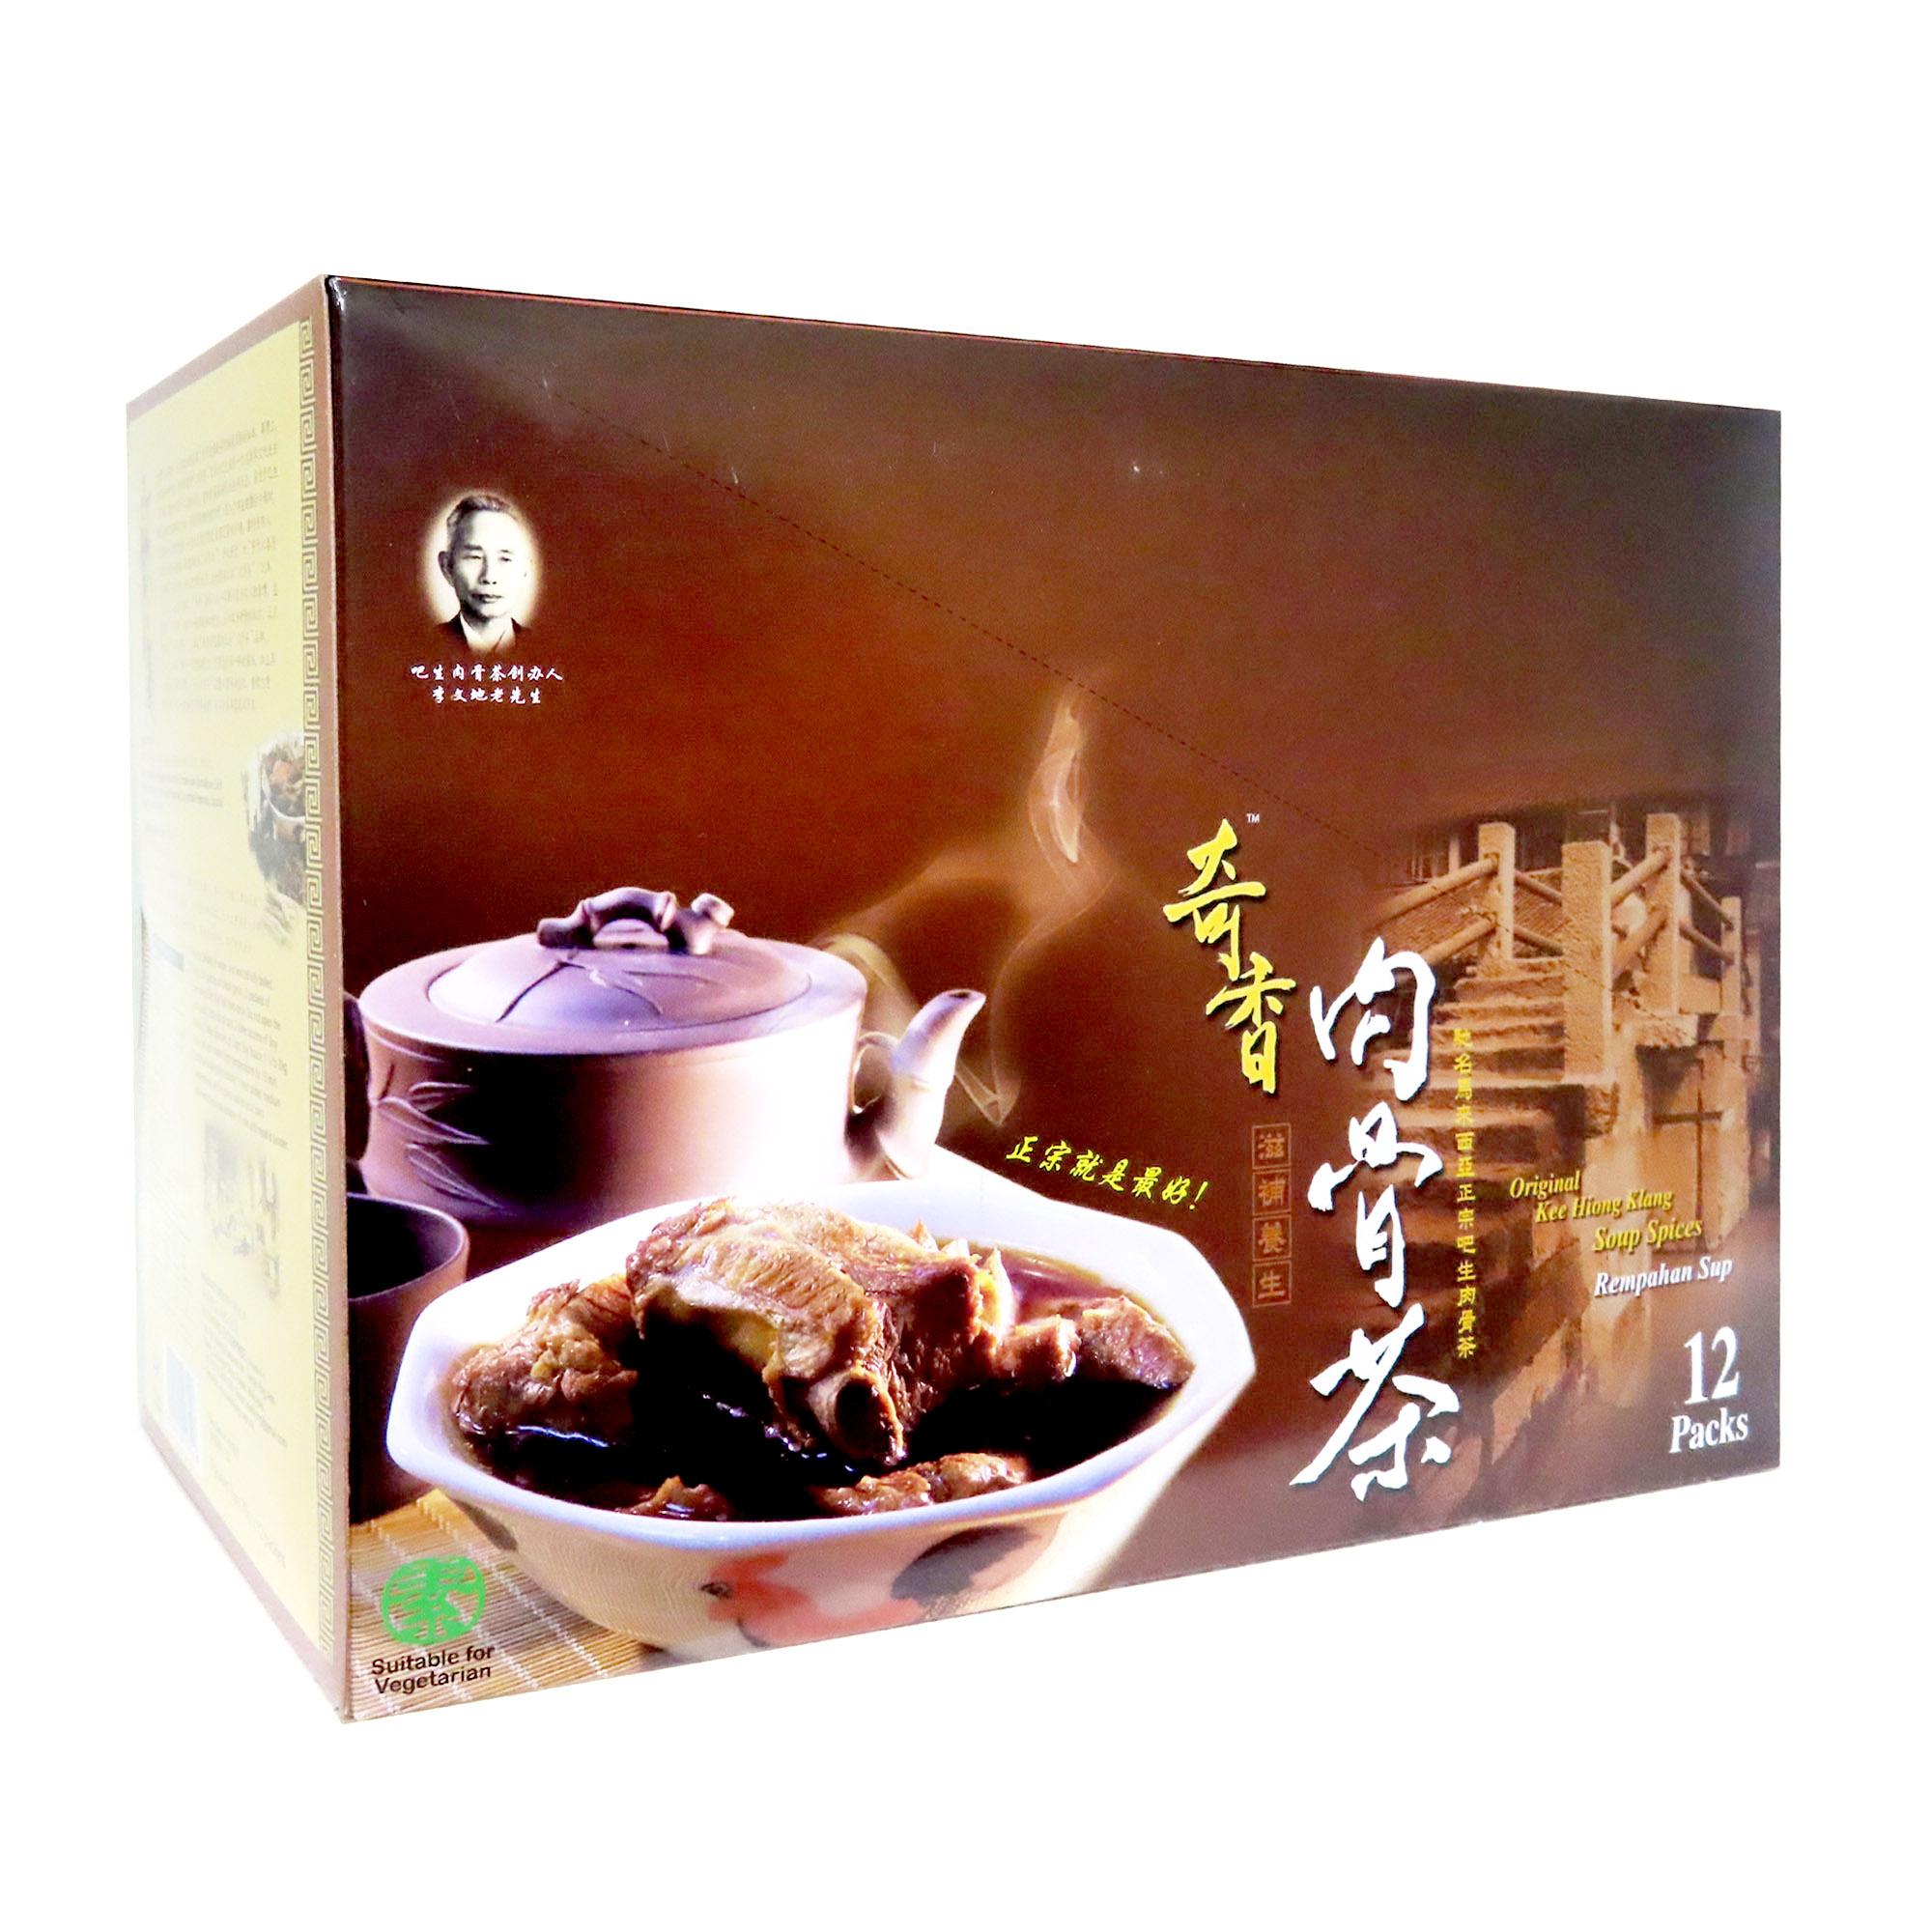 Image Kee Hiong Bah Kut Teh 奇香肉骨茶 840grams